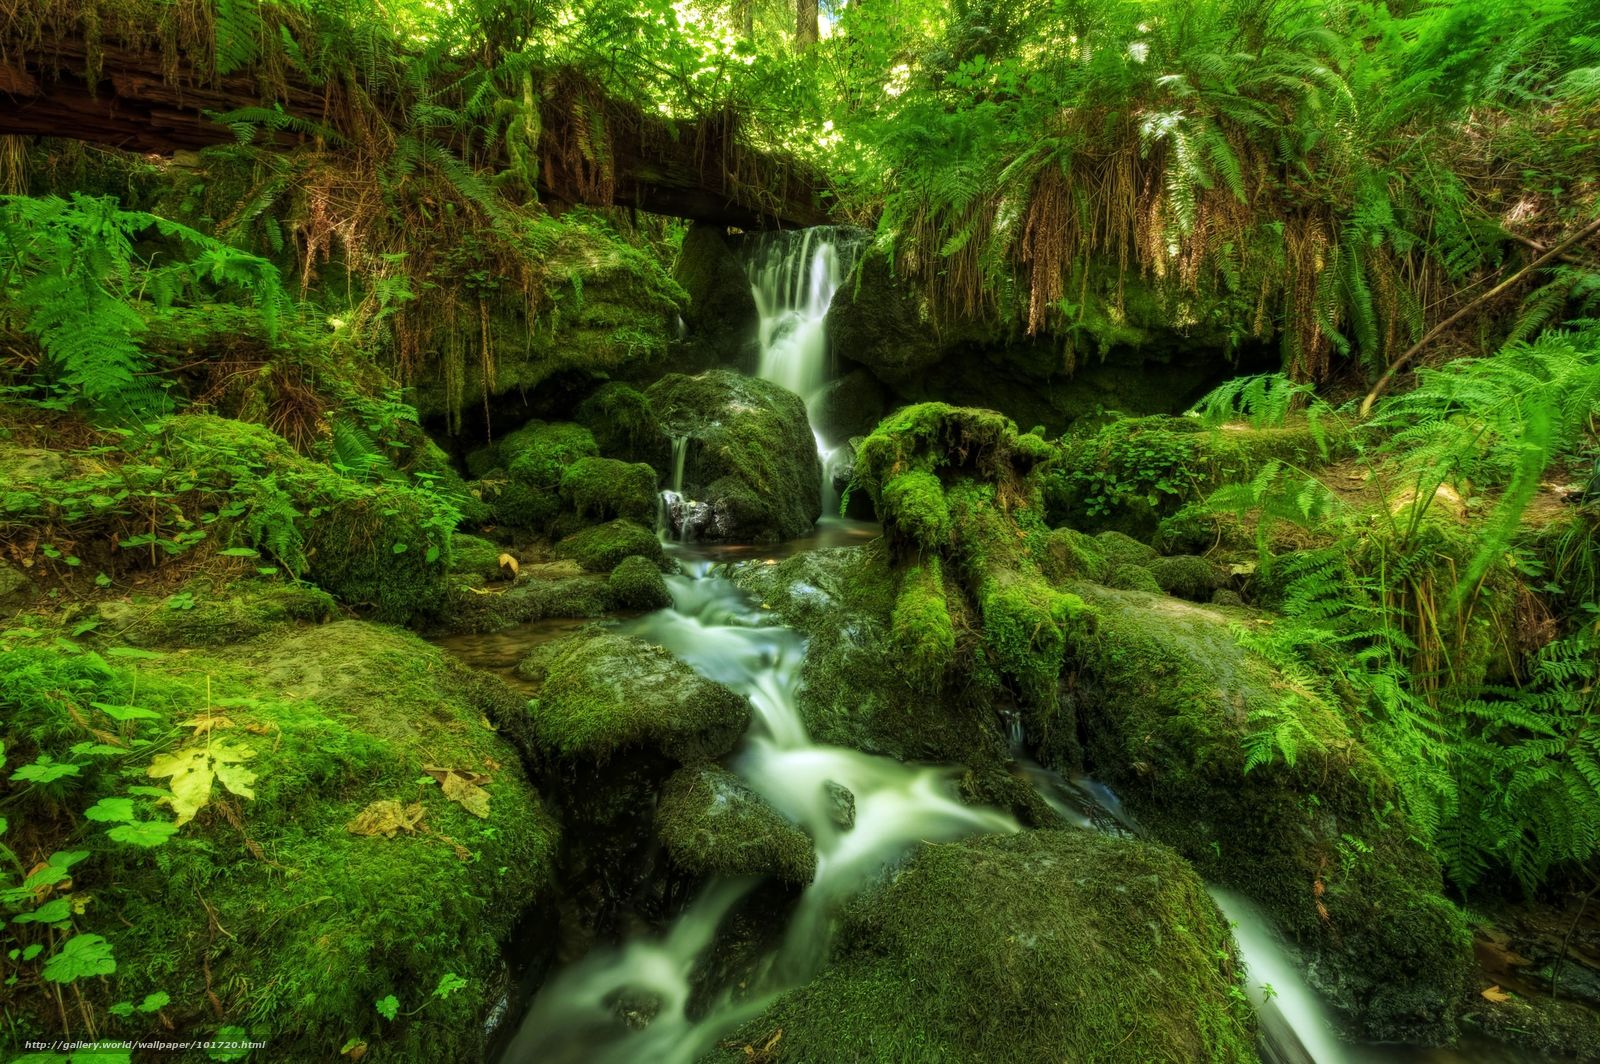 Hq cascadas bosques helechos musgos 2560x1703 imagen naturaleza